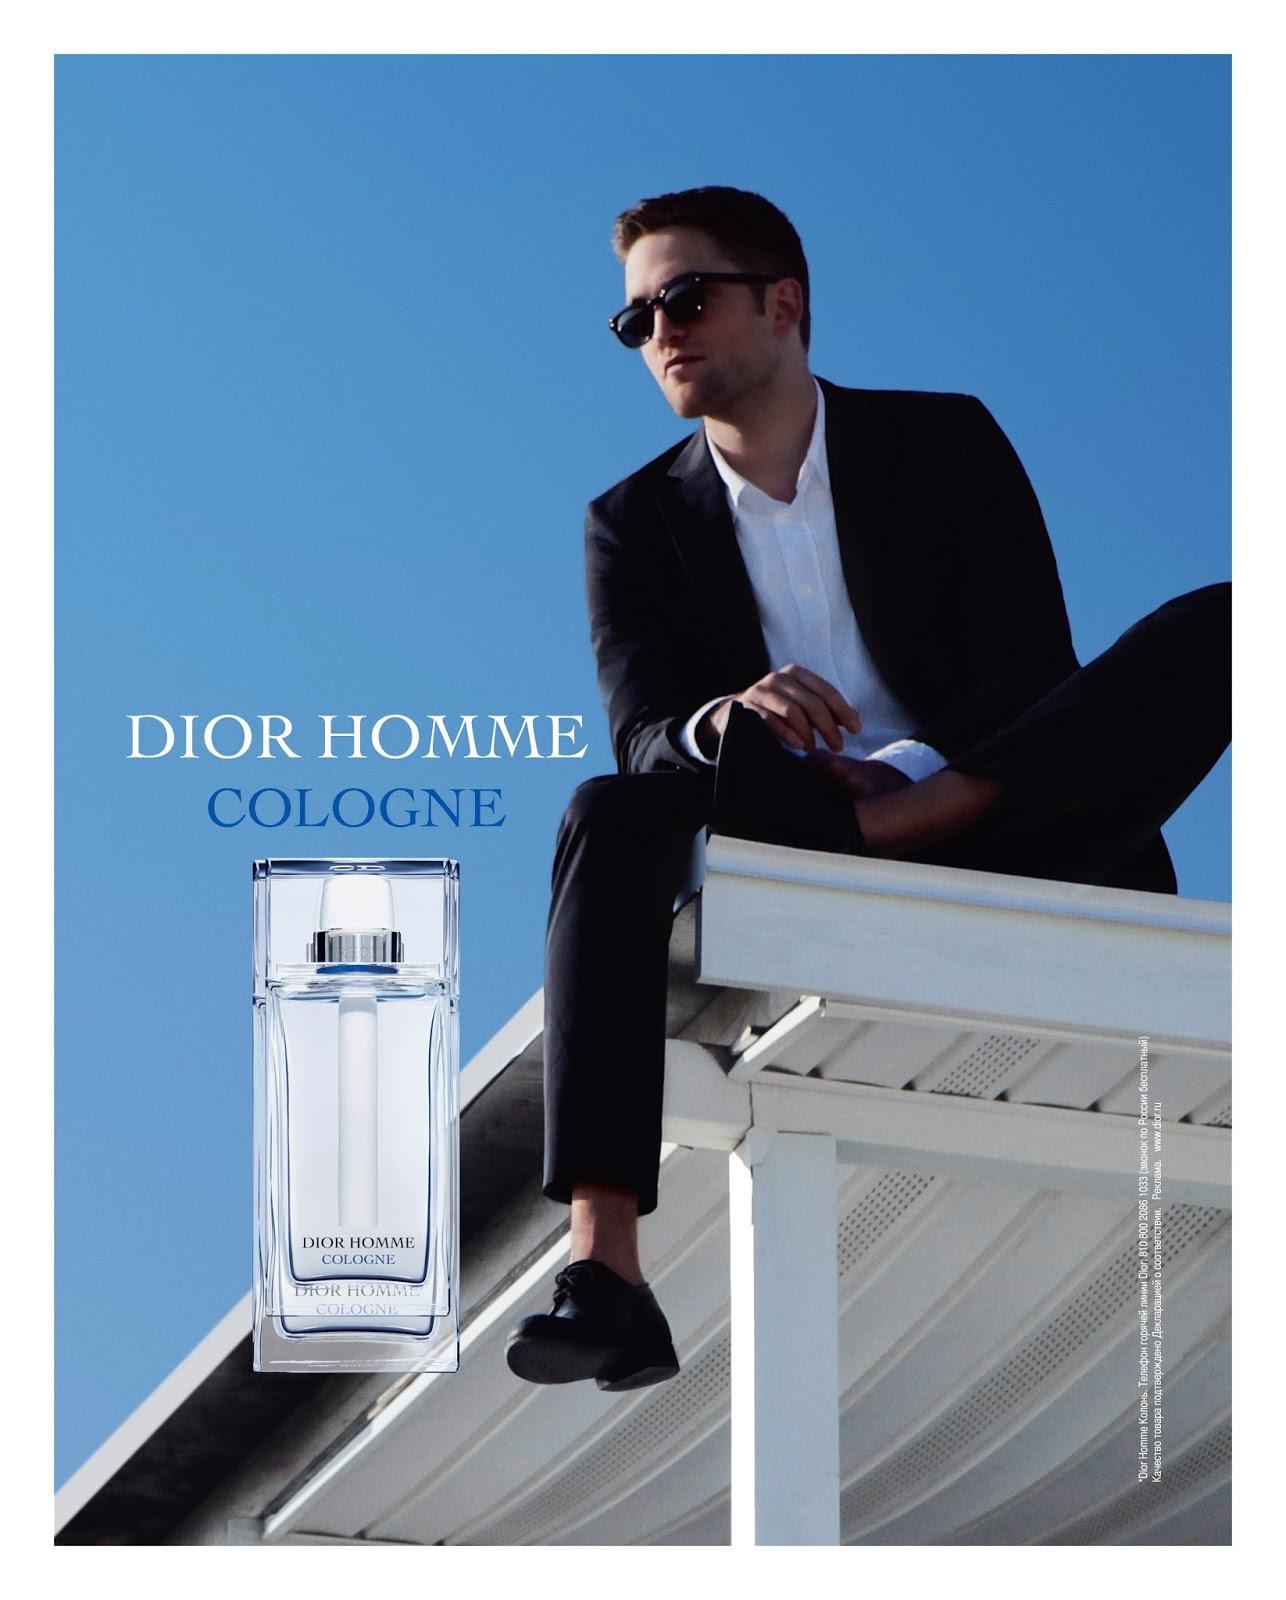 Kết quả hình ảnh cho Dior Homme Cologne poster